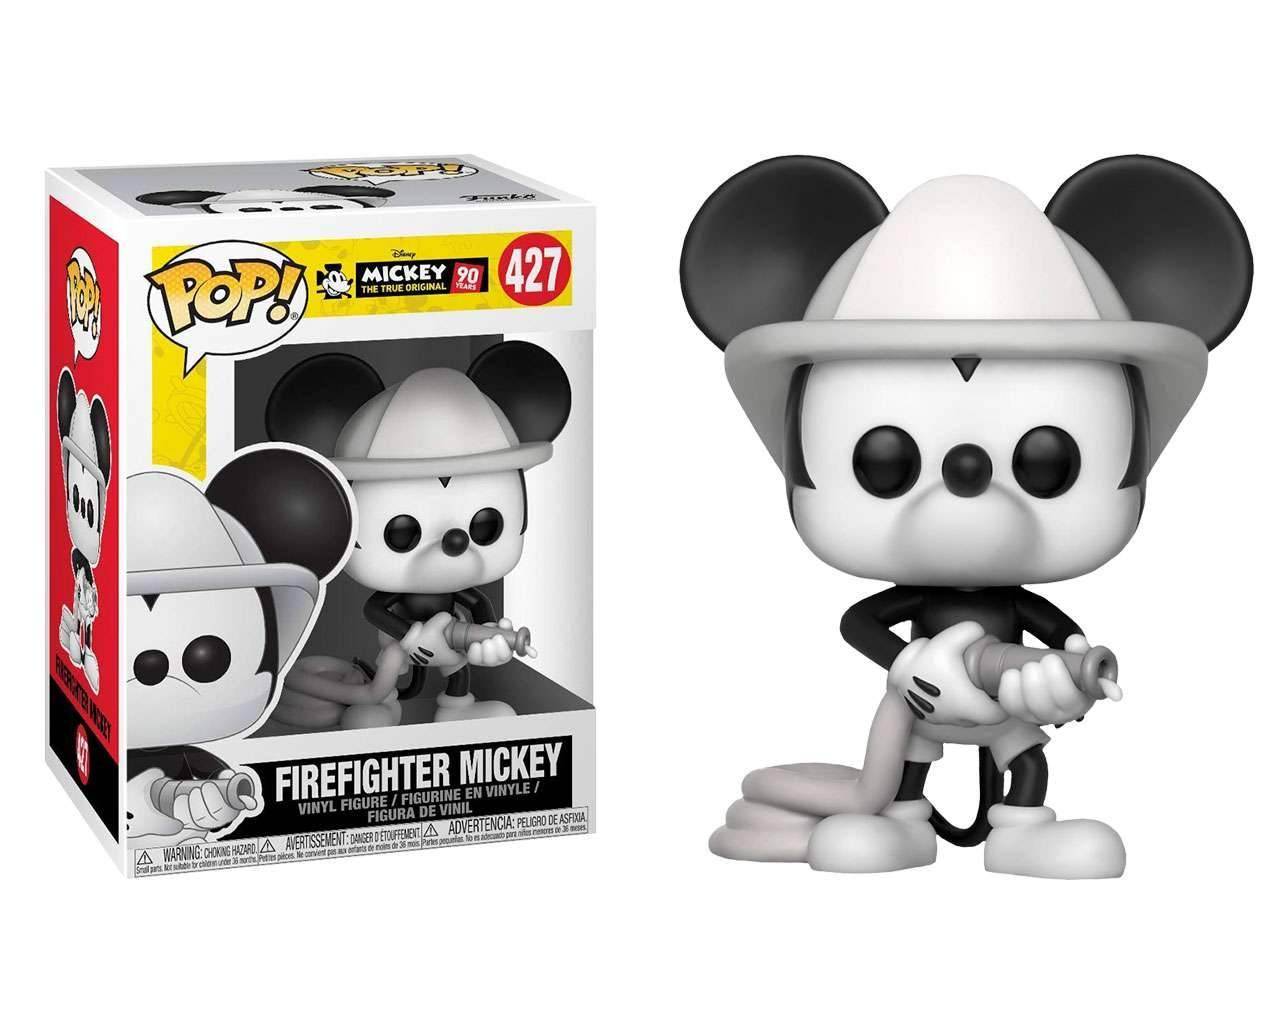 Firefighter Mickey Pop! Vinyl